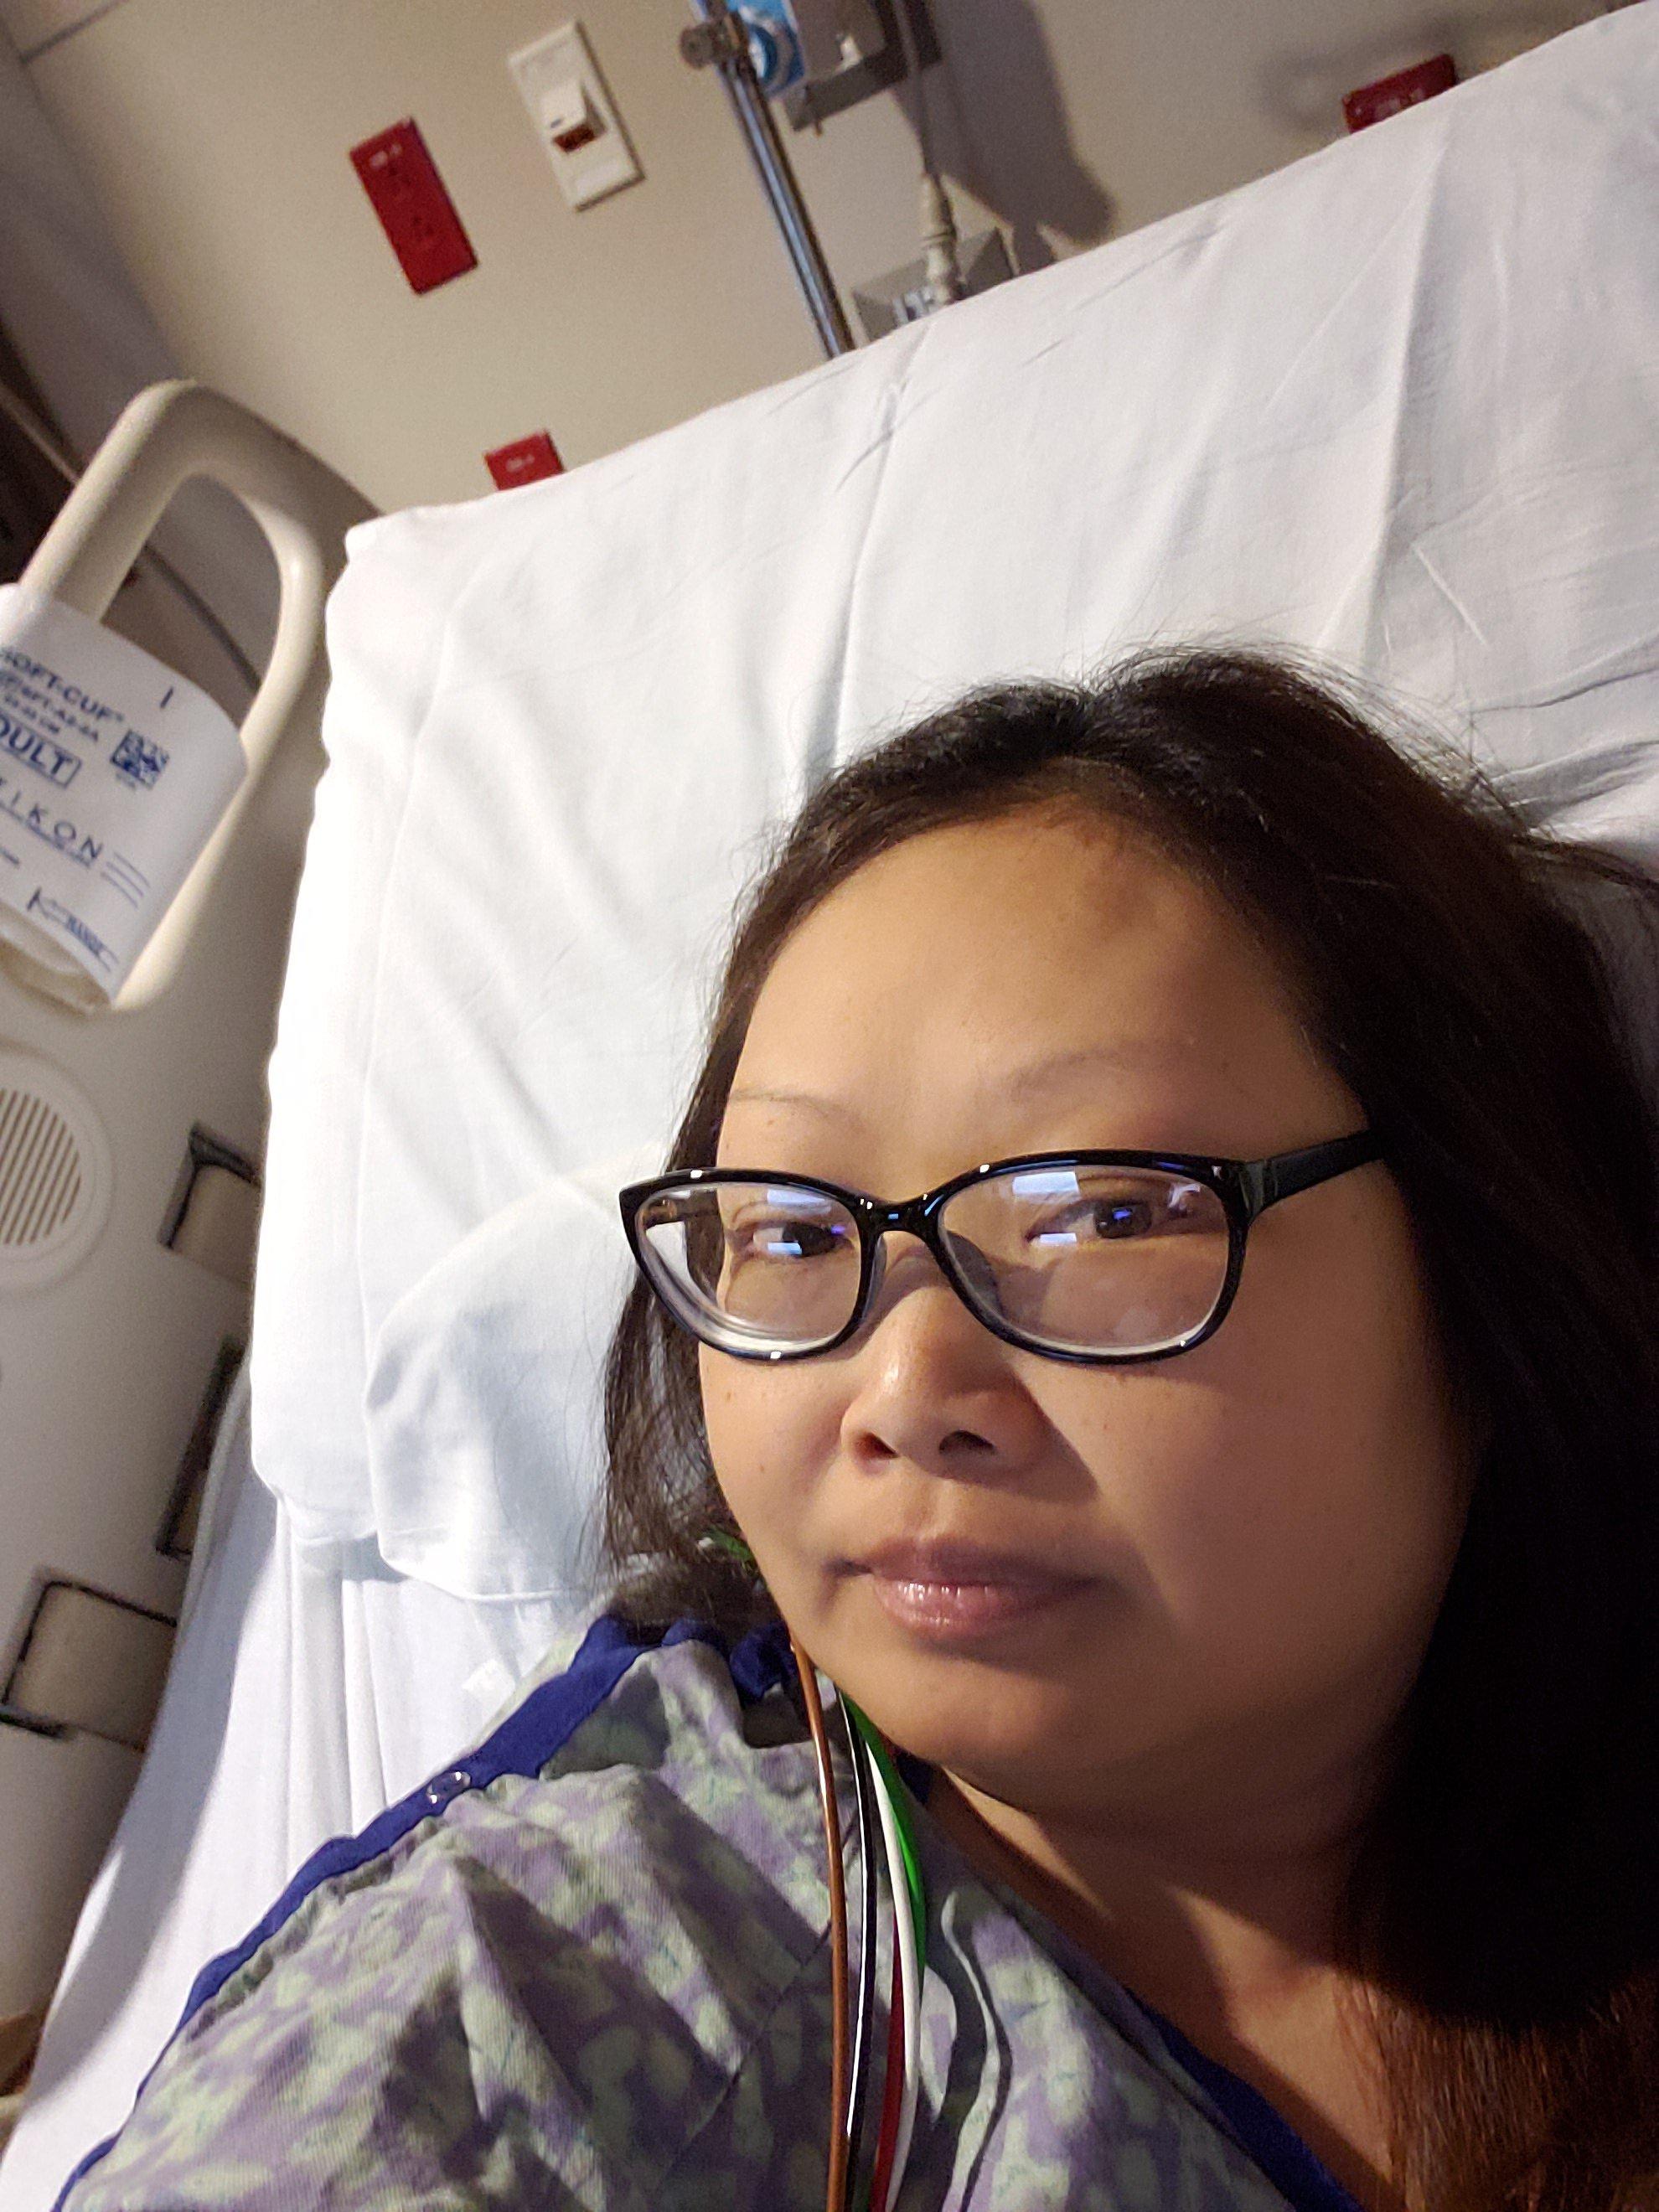 Kidney Transplant: A New Beginning